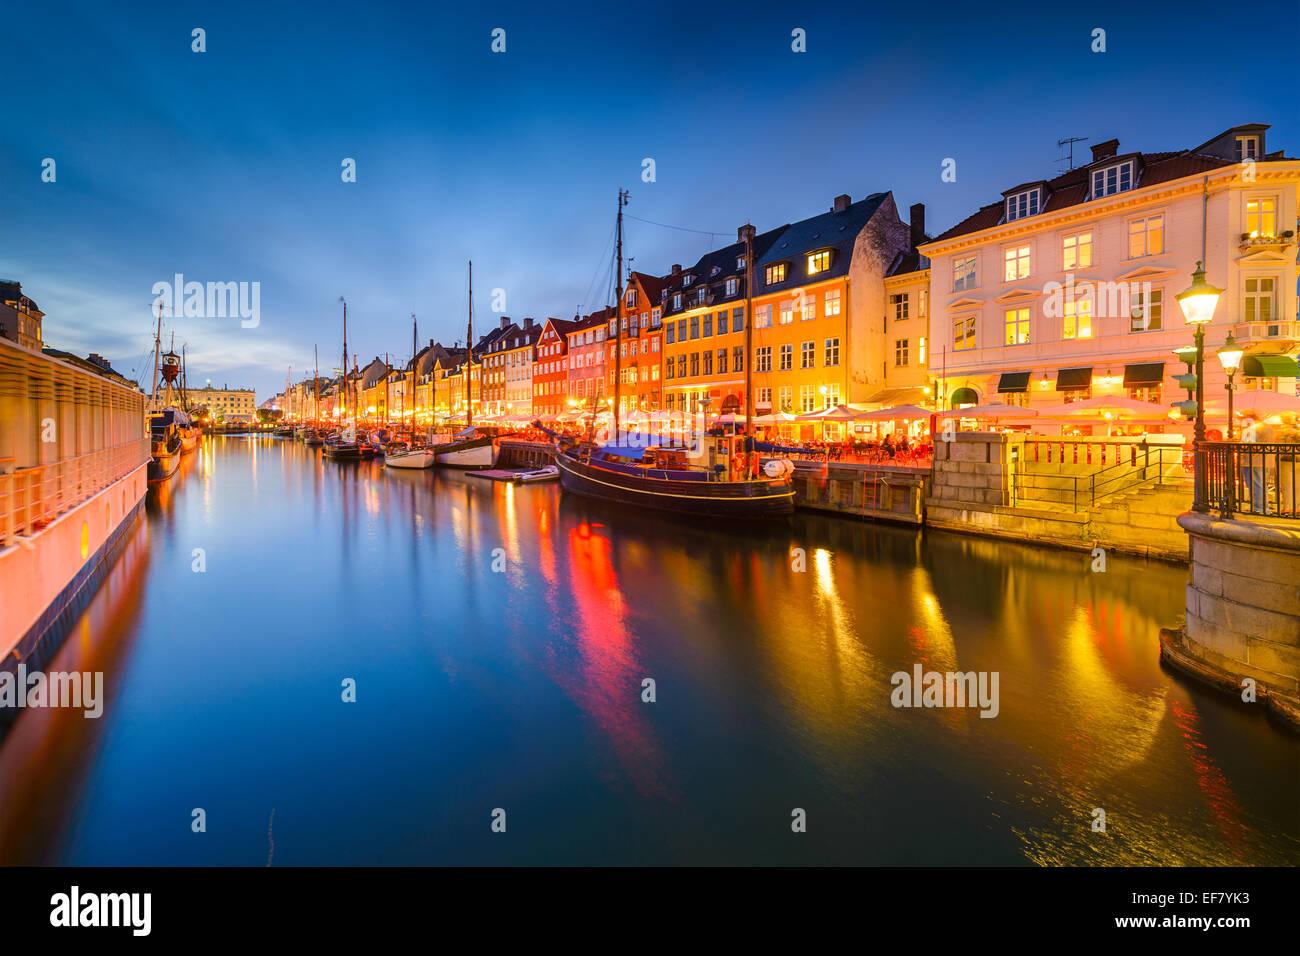 Copenhagen, Denmark at Nyhavn Canal. - Stock Image